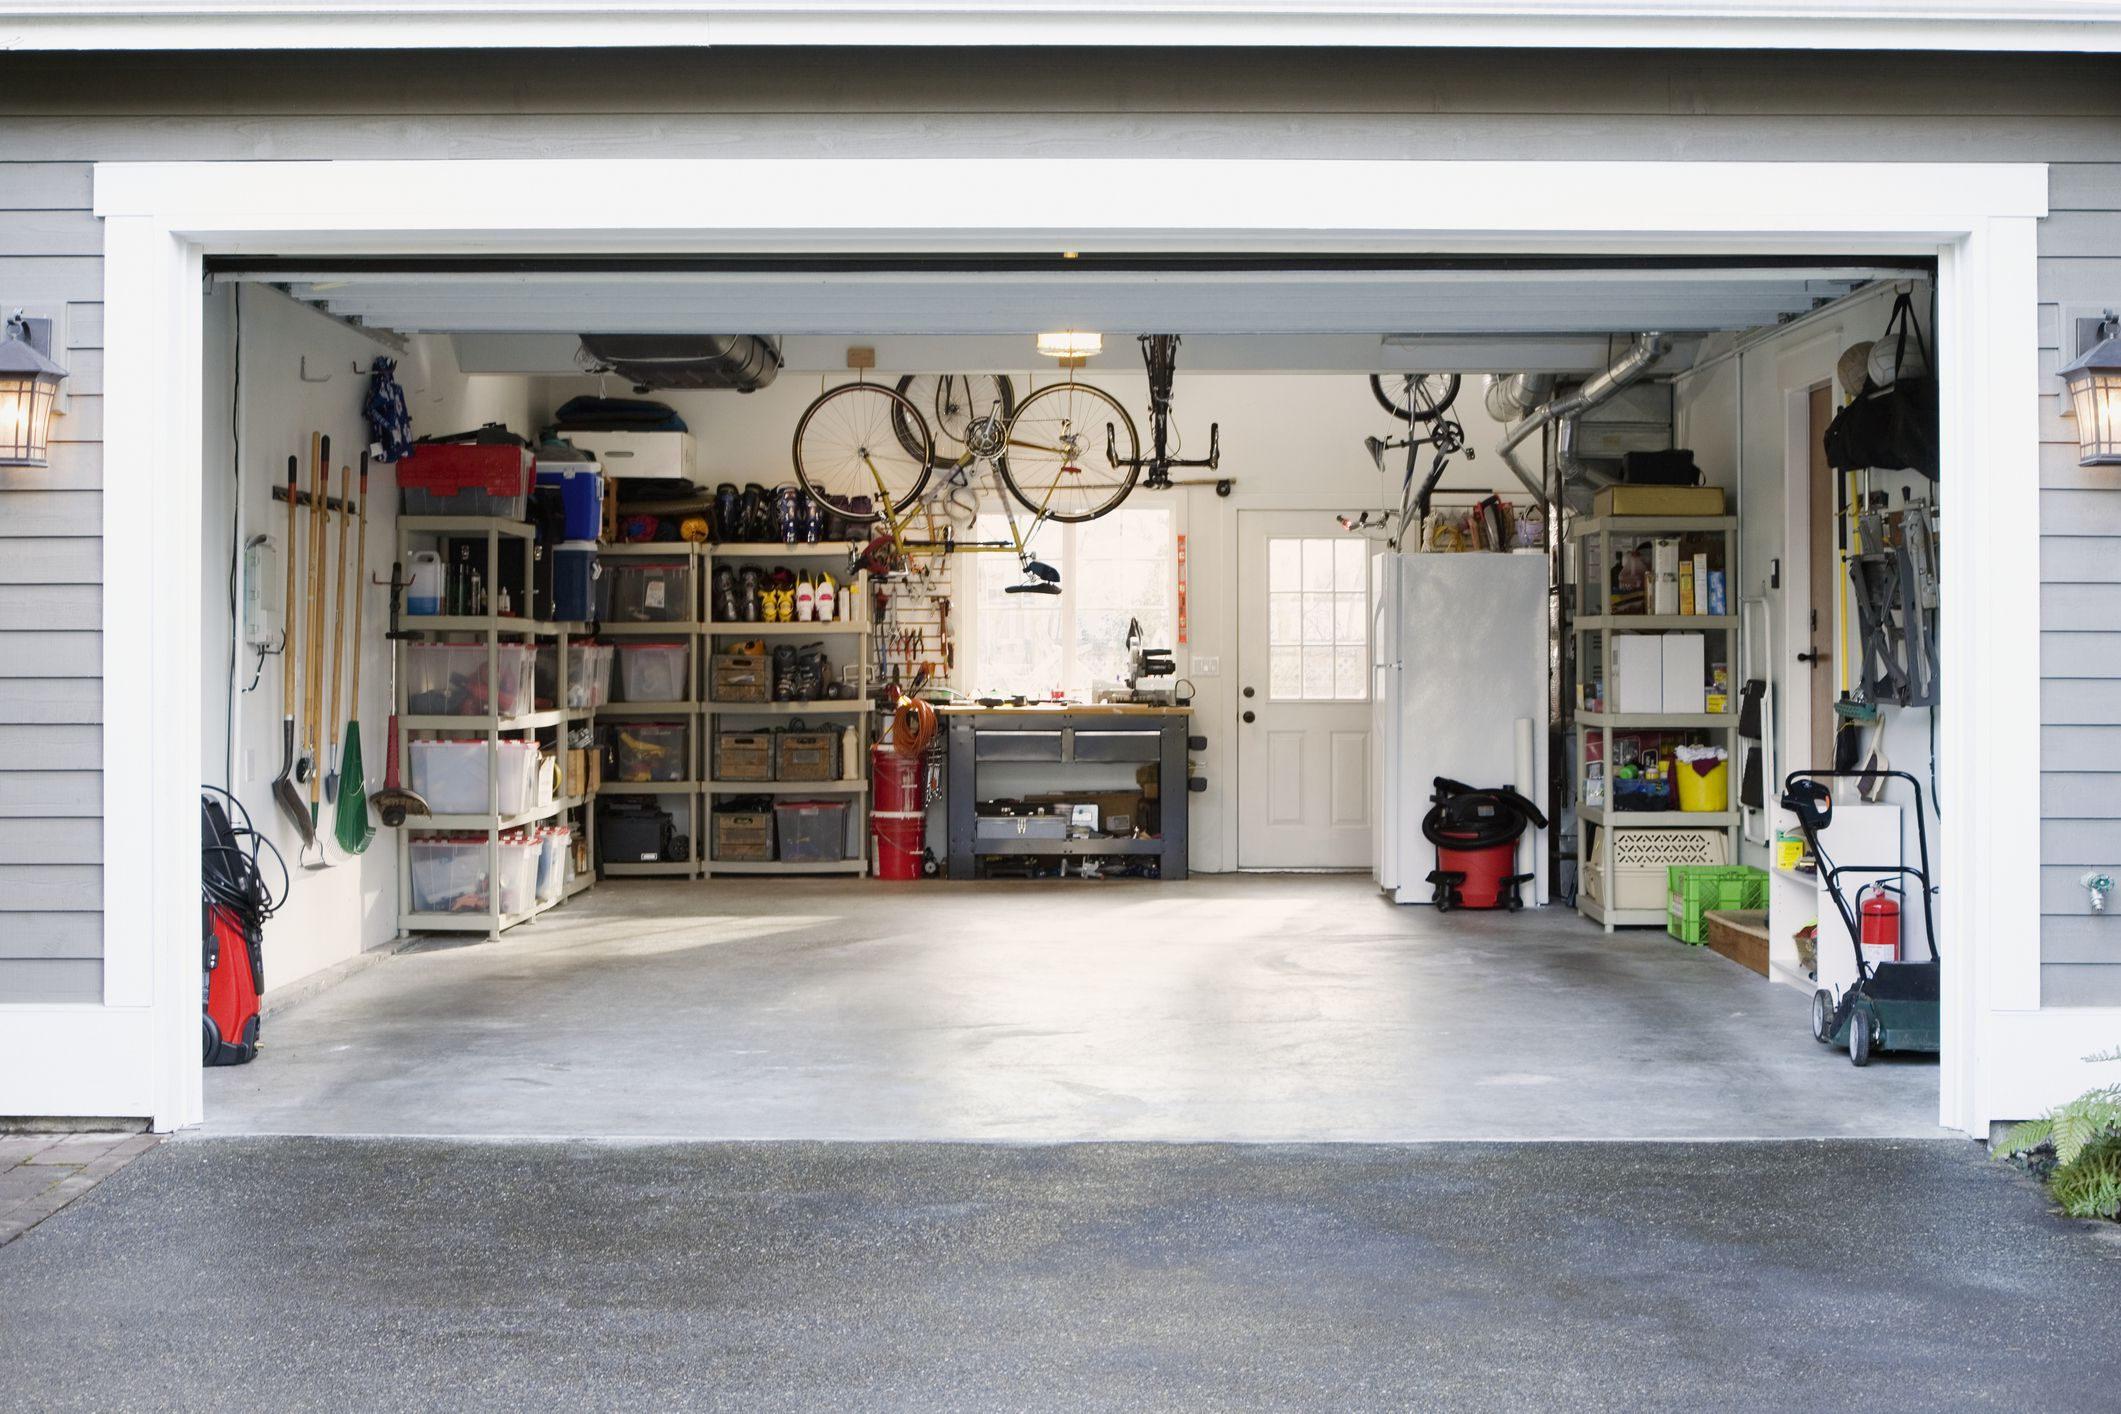 оценка гаража для нотариуса